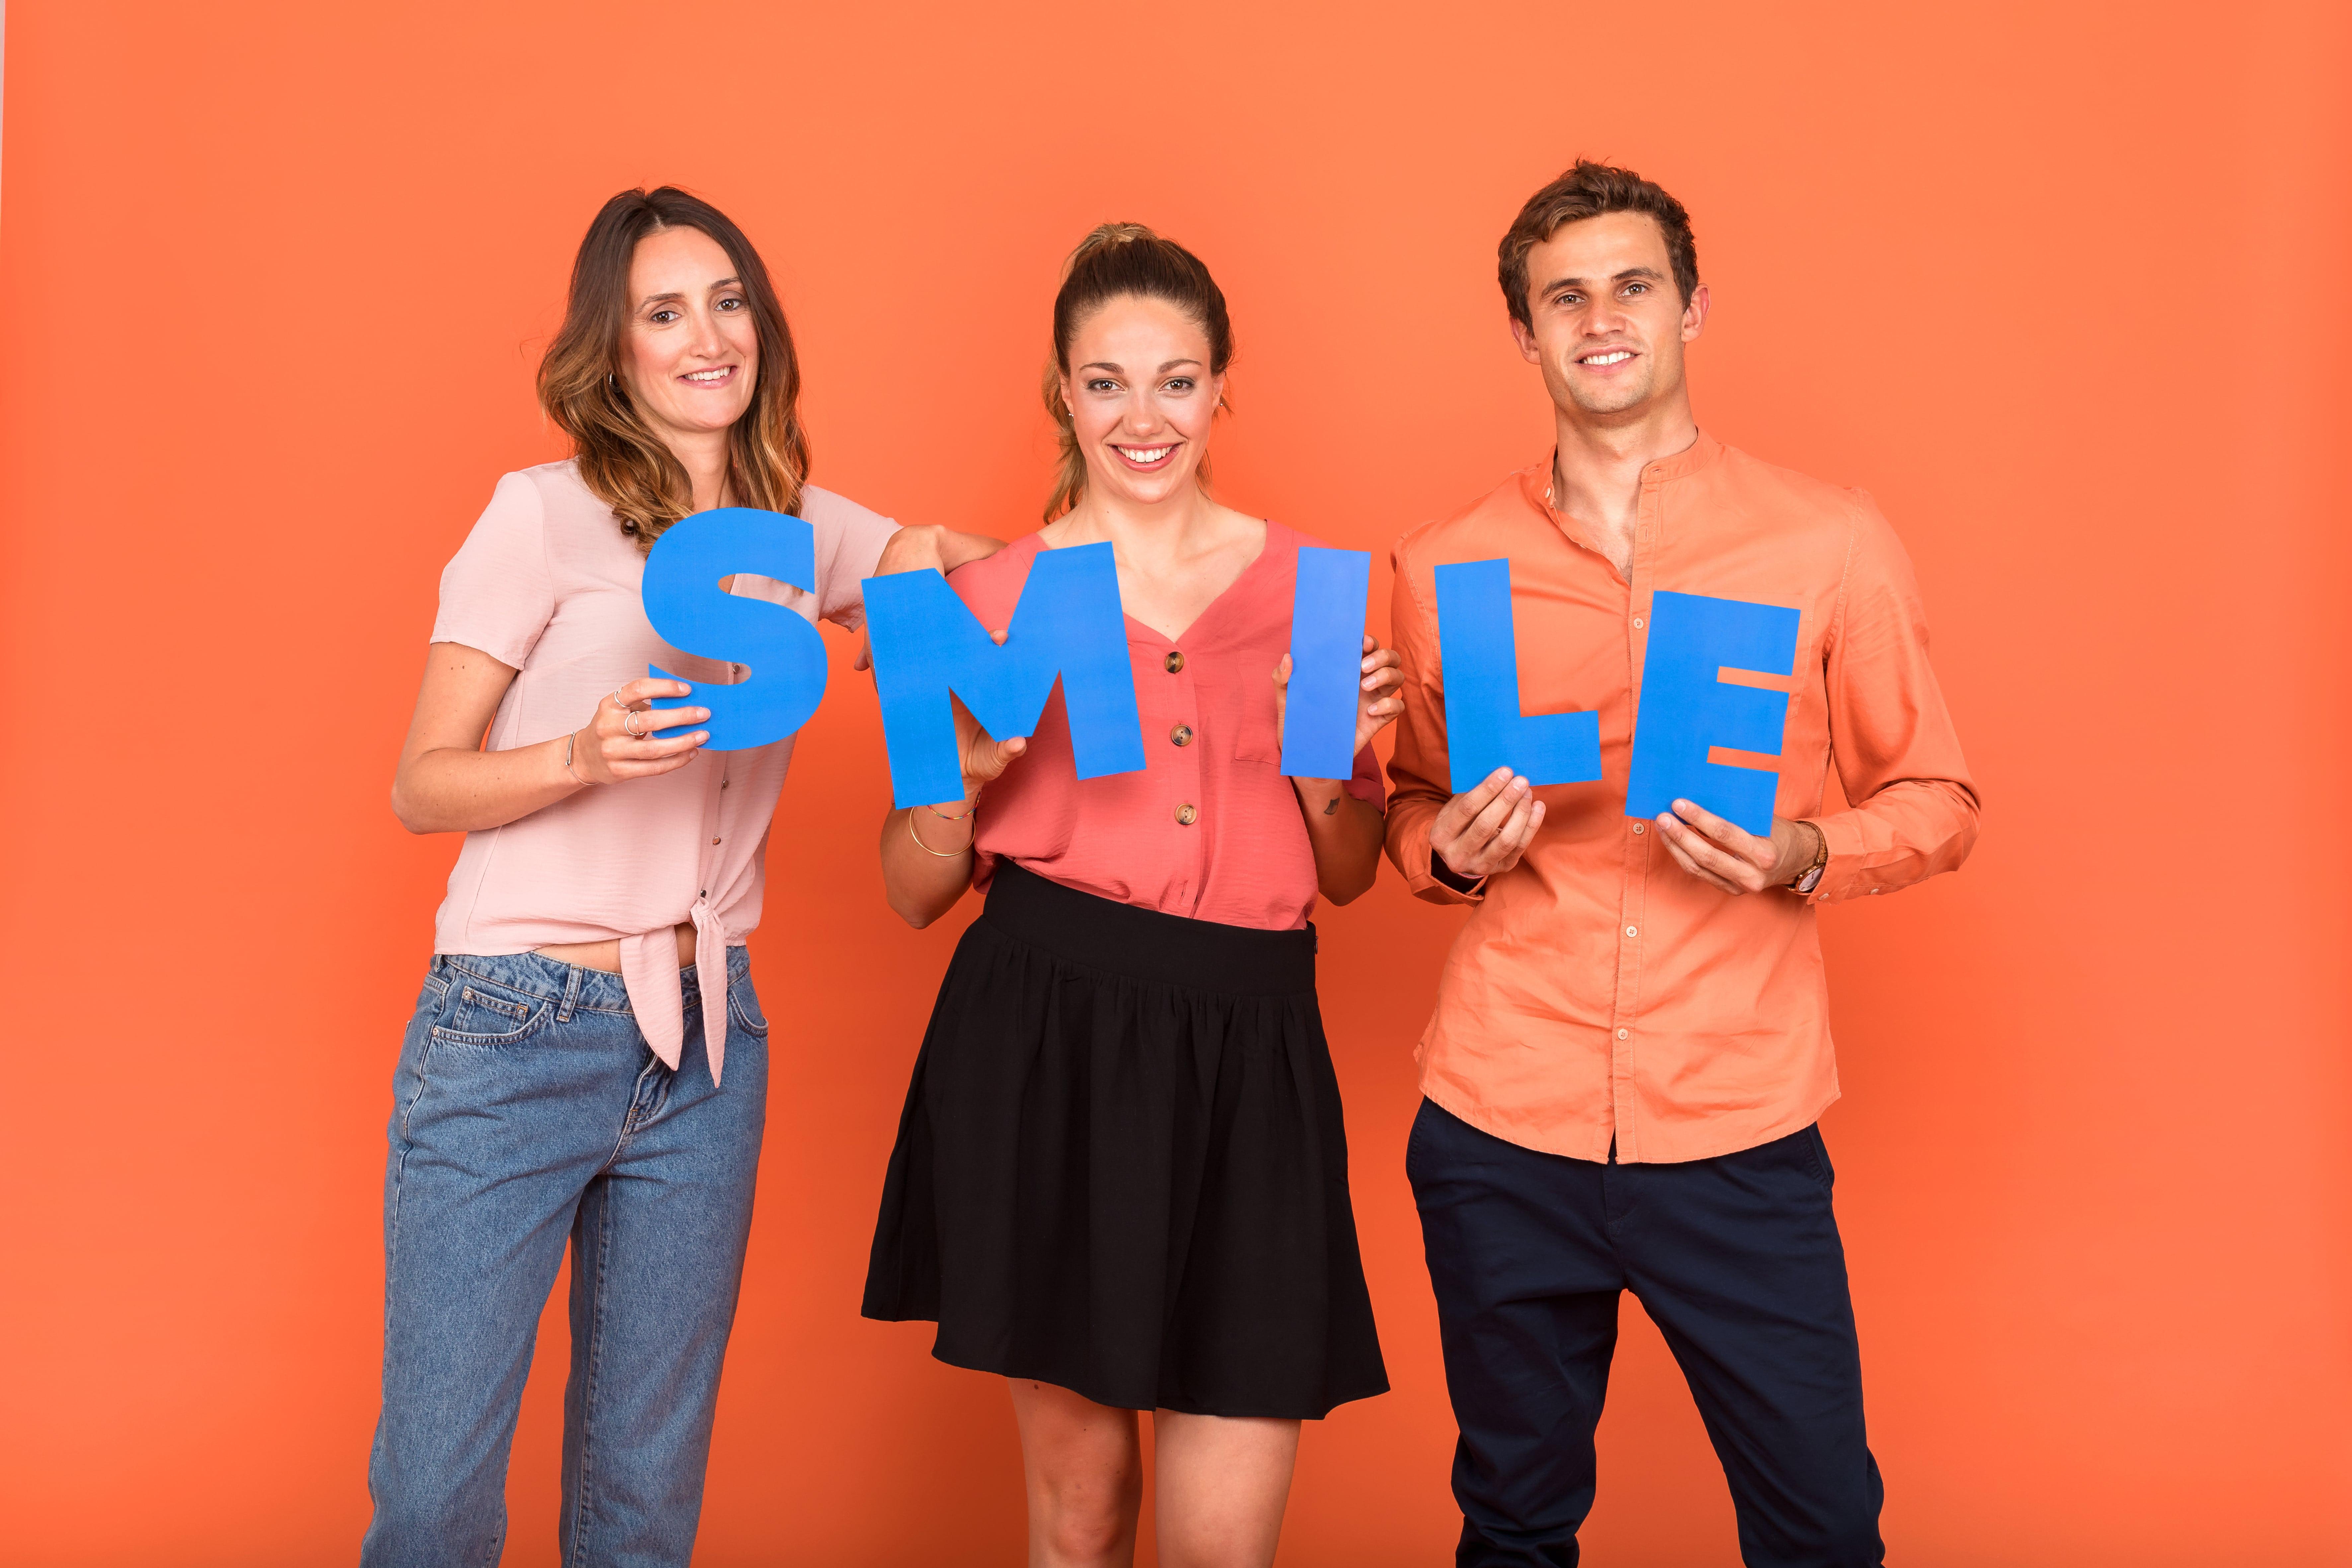 Deux femmes et un homme portent des lettres qui forment le mot SMILE qui représente une valeur de l'entreprise Josepho